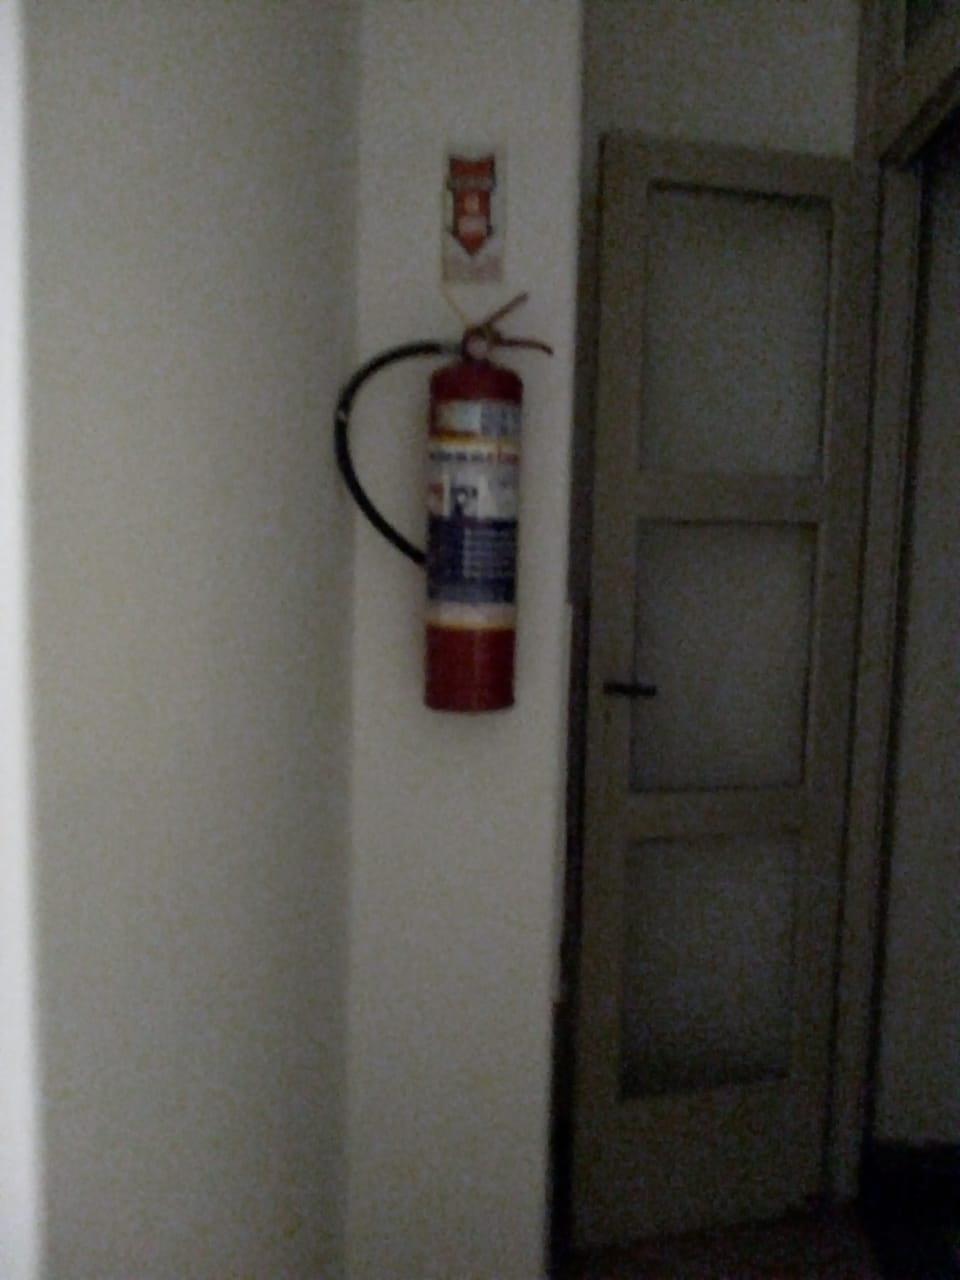 Feuerlöscher im Hausflur, rechts vor der Wohnungseingangstür